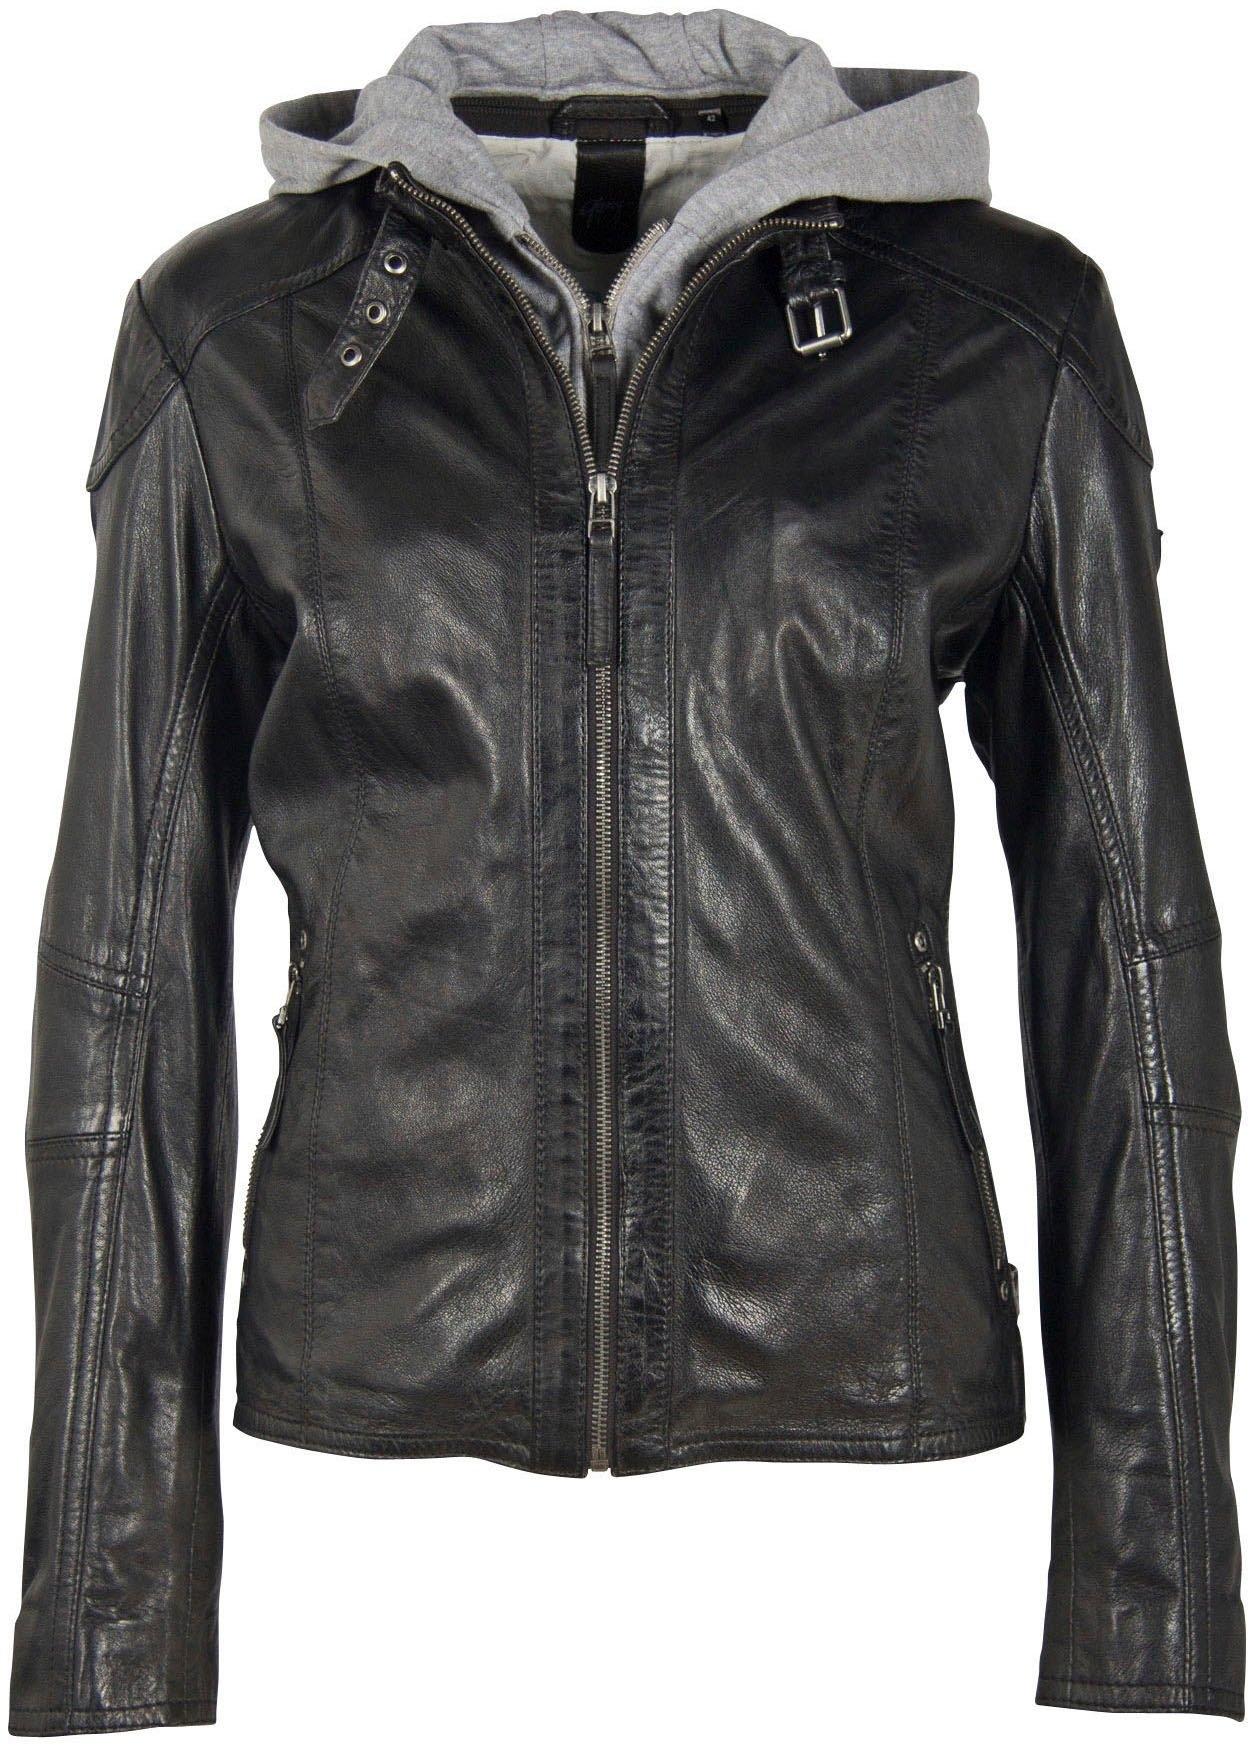 Gipsy leren jack Keyla comfort size Comfort size met biker-details & jerseycapuchon nu online bestellen